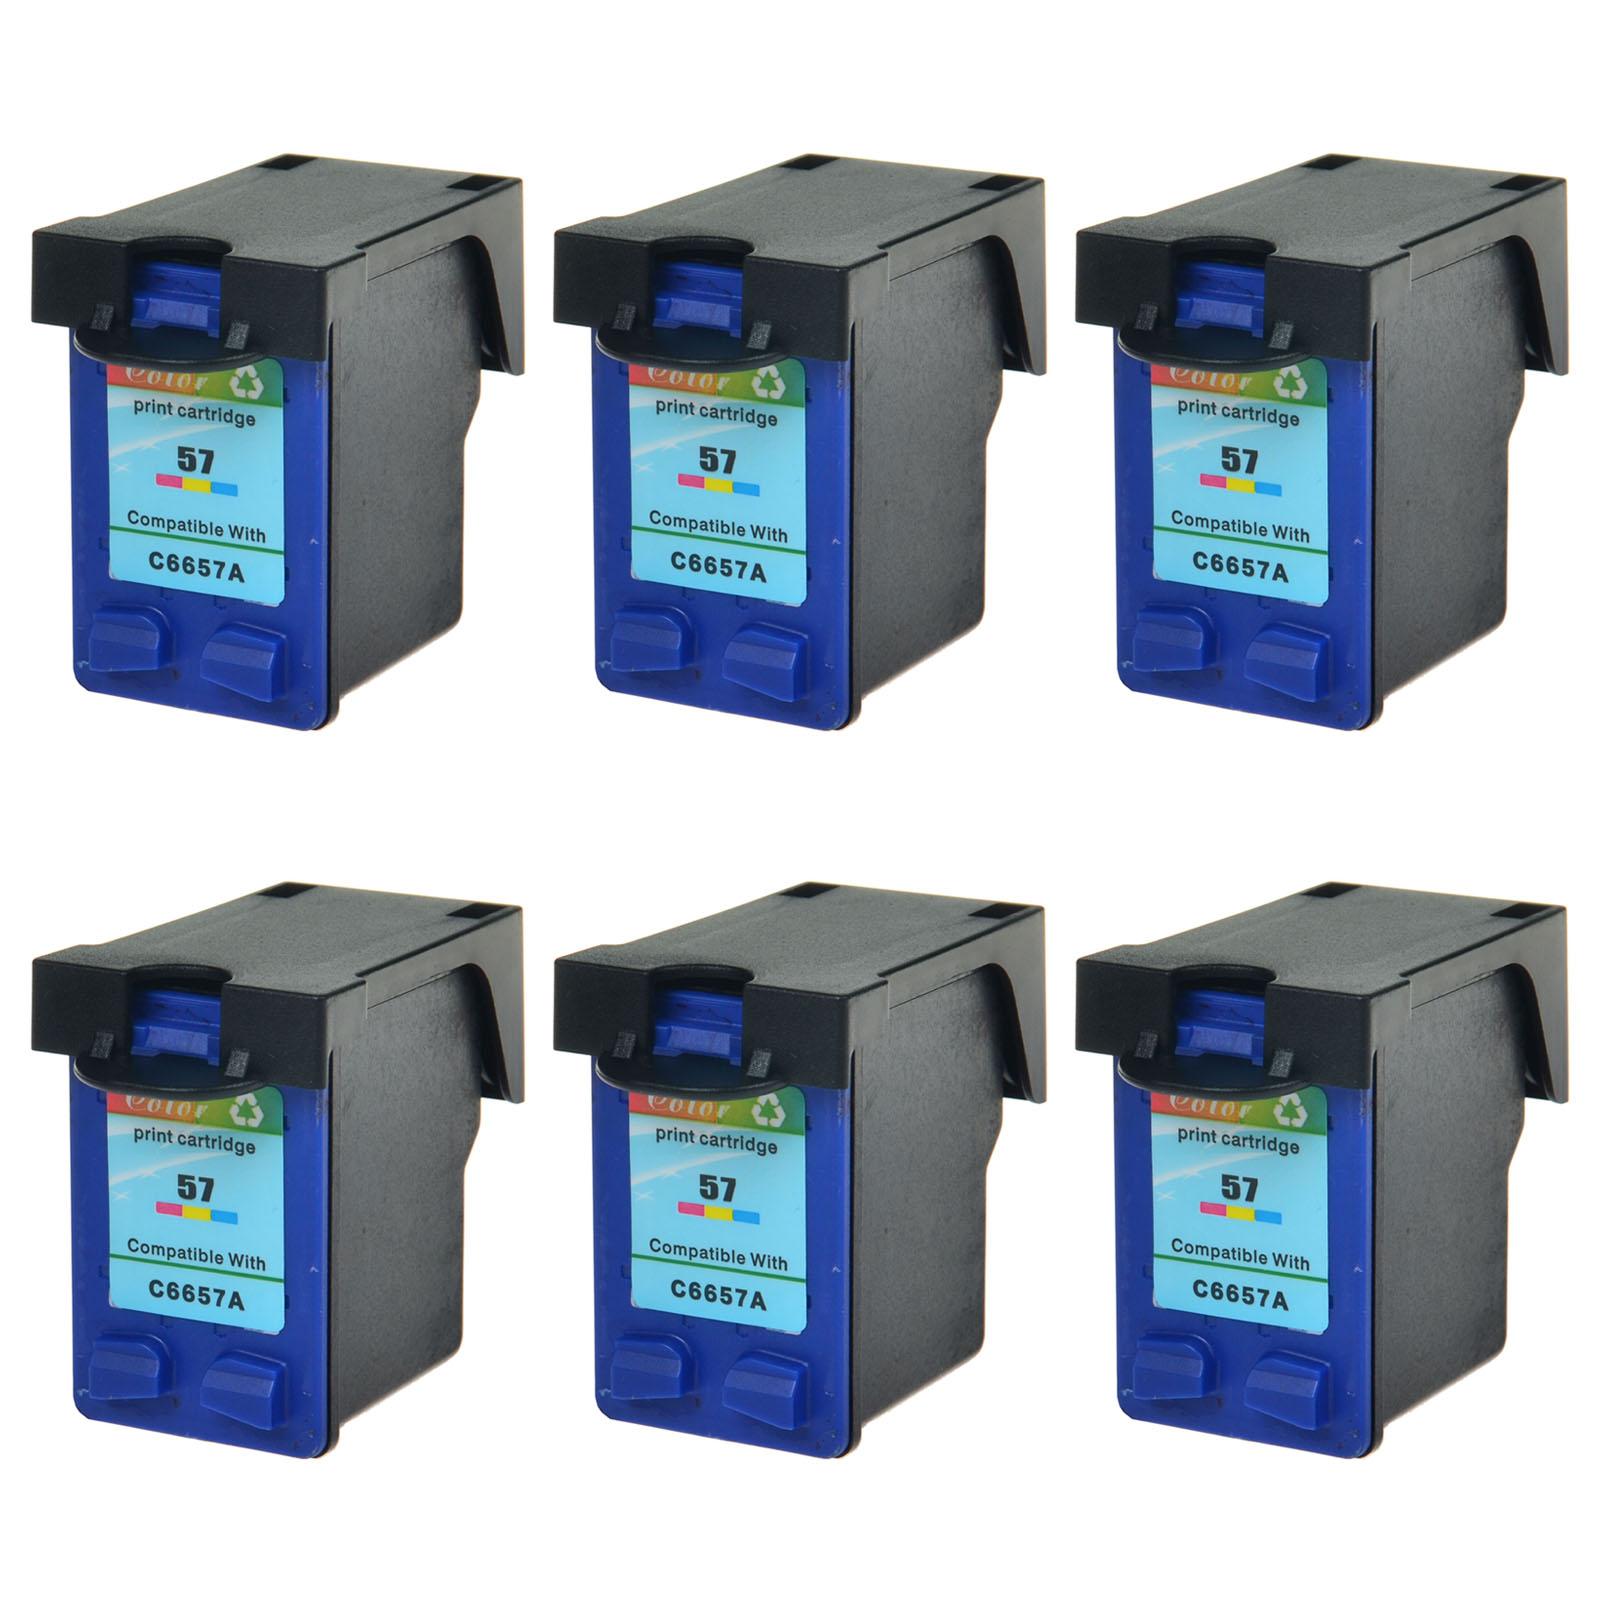 2 Pack HP 56 57 Ink Cartridge for Deskjet 450 5150 5550 5650 5850 9650 9670 9680